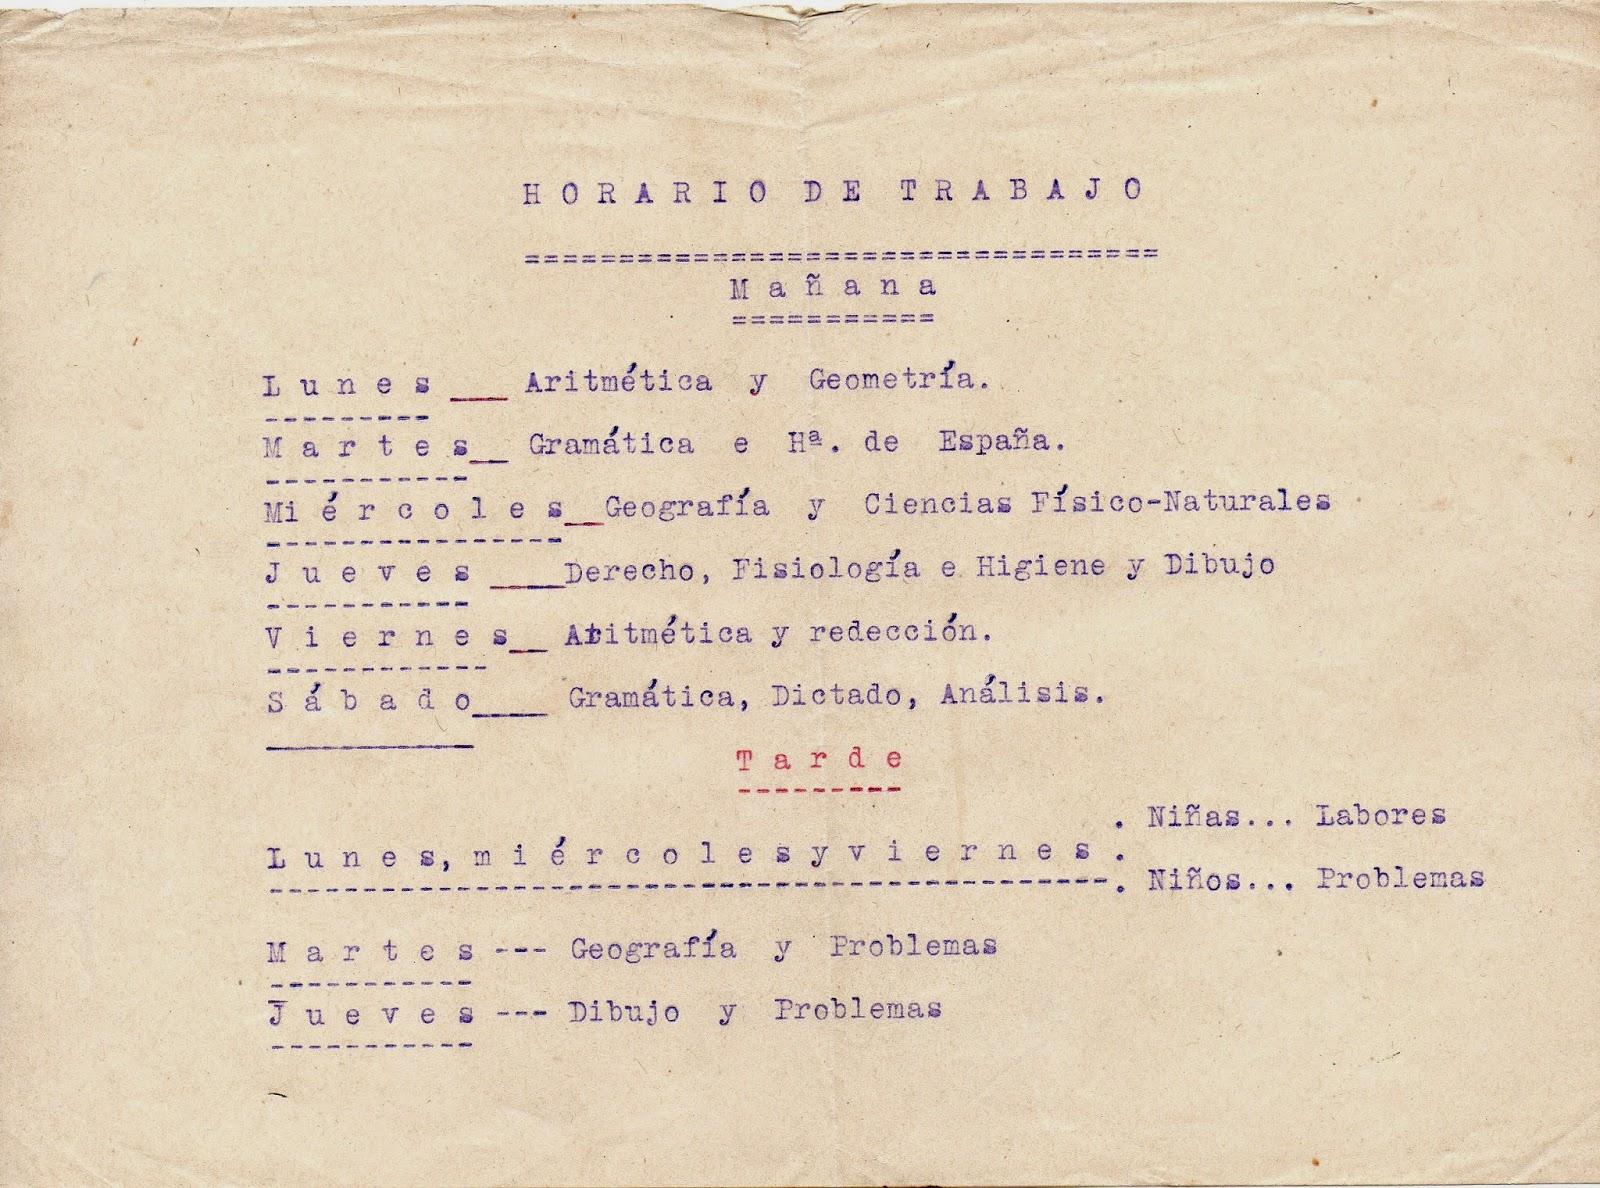 Melitina Álvaro Blázquez - Material escolar - 1933-1940 - Horario escolar